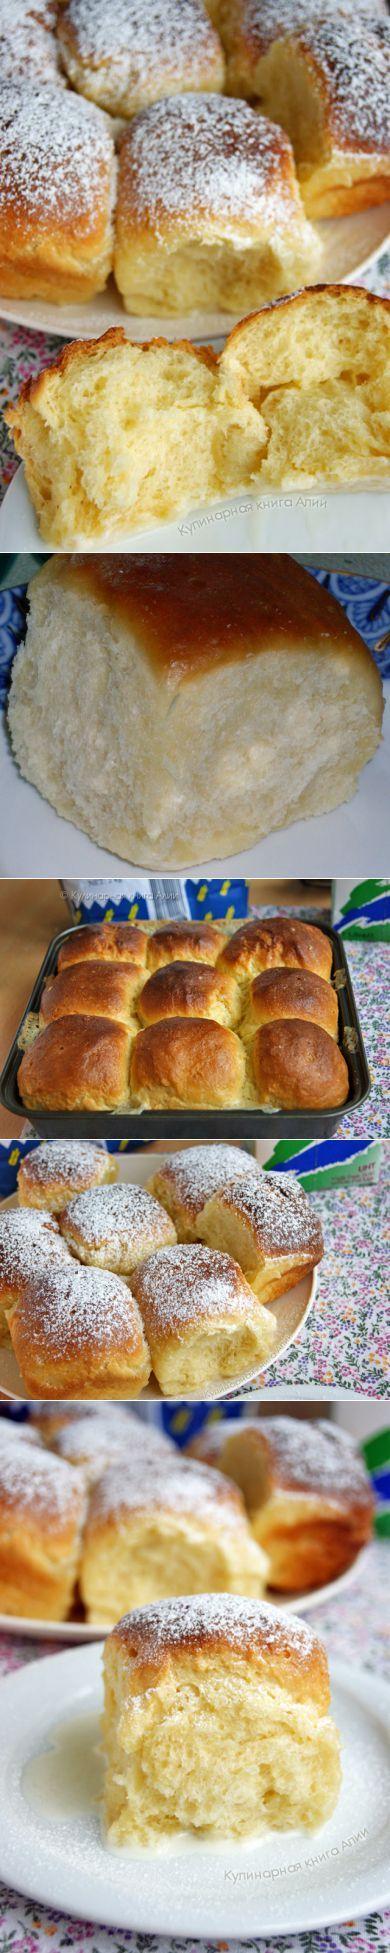 kulinariya123.blogspot.ru